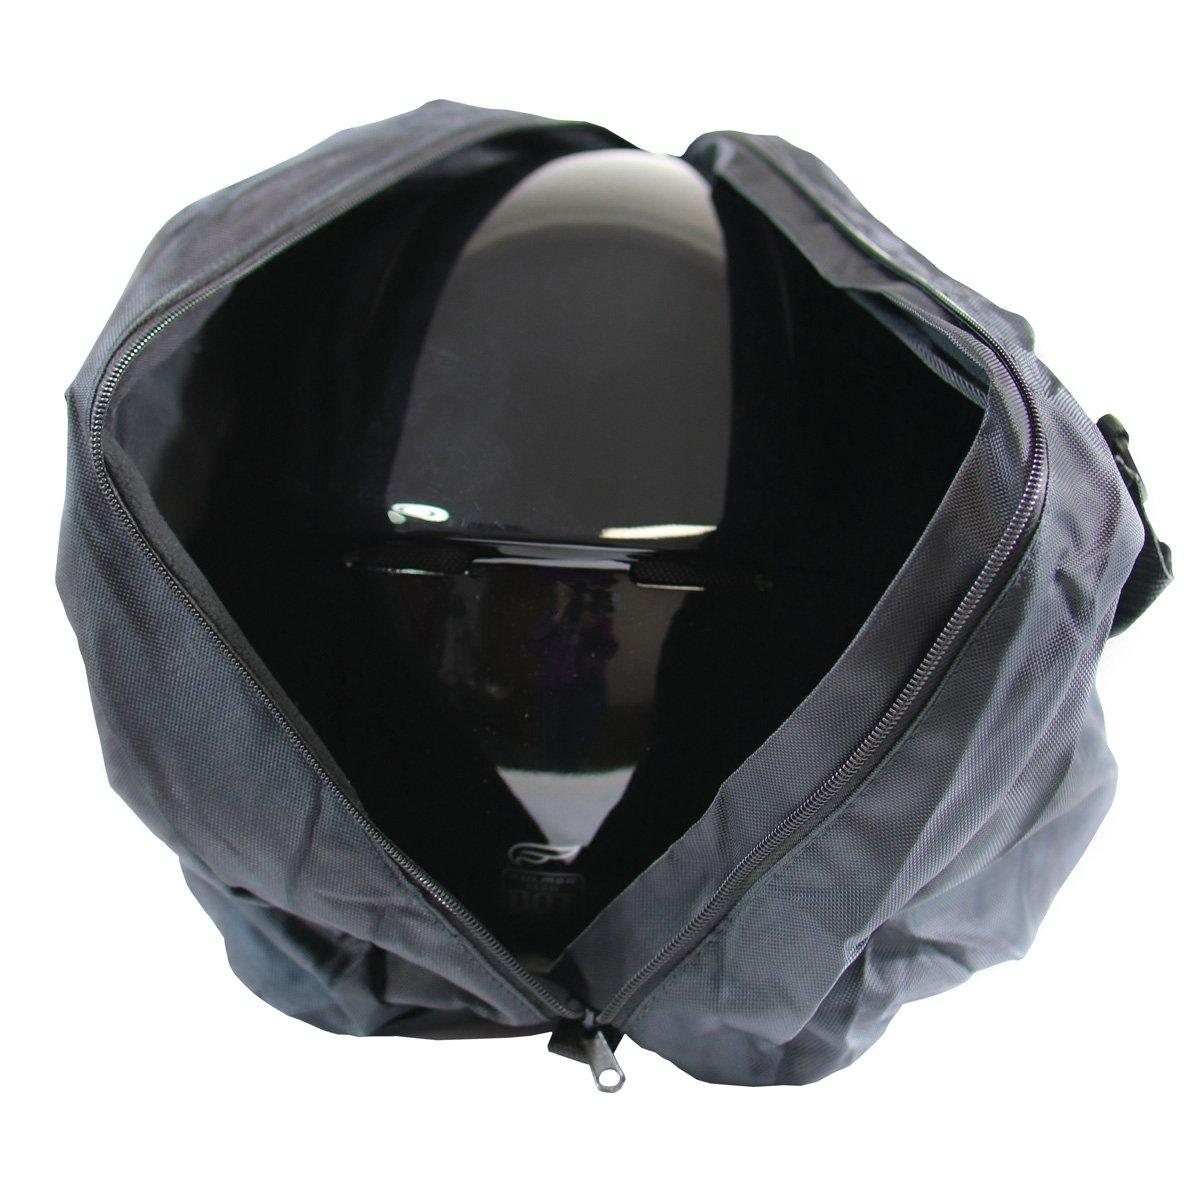 Fulmer AF-HELBAG05, Helmet Bag -Fleece Lining - Black by Fulmer (Image #4)